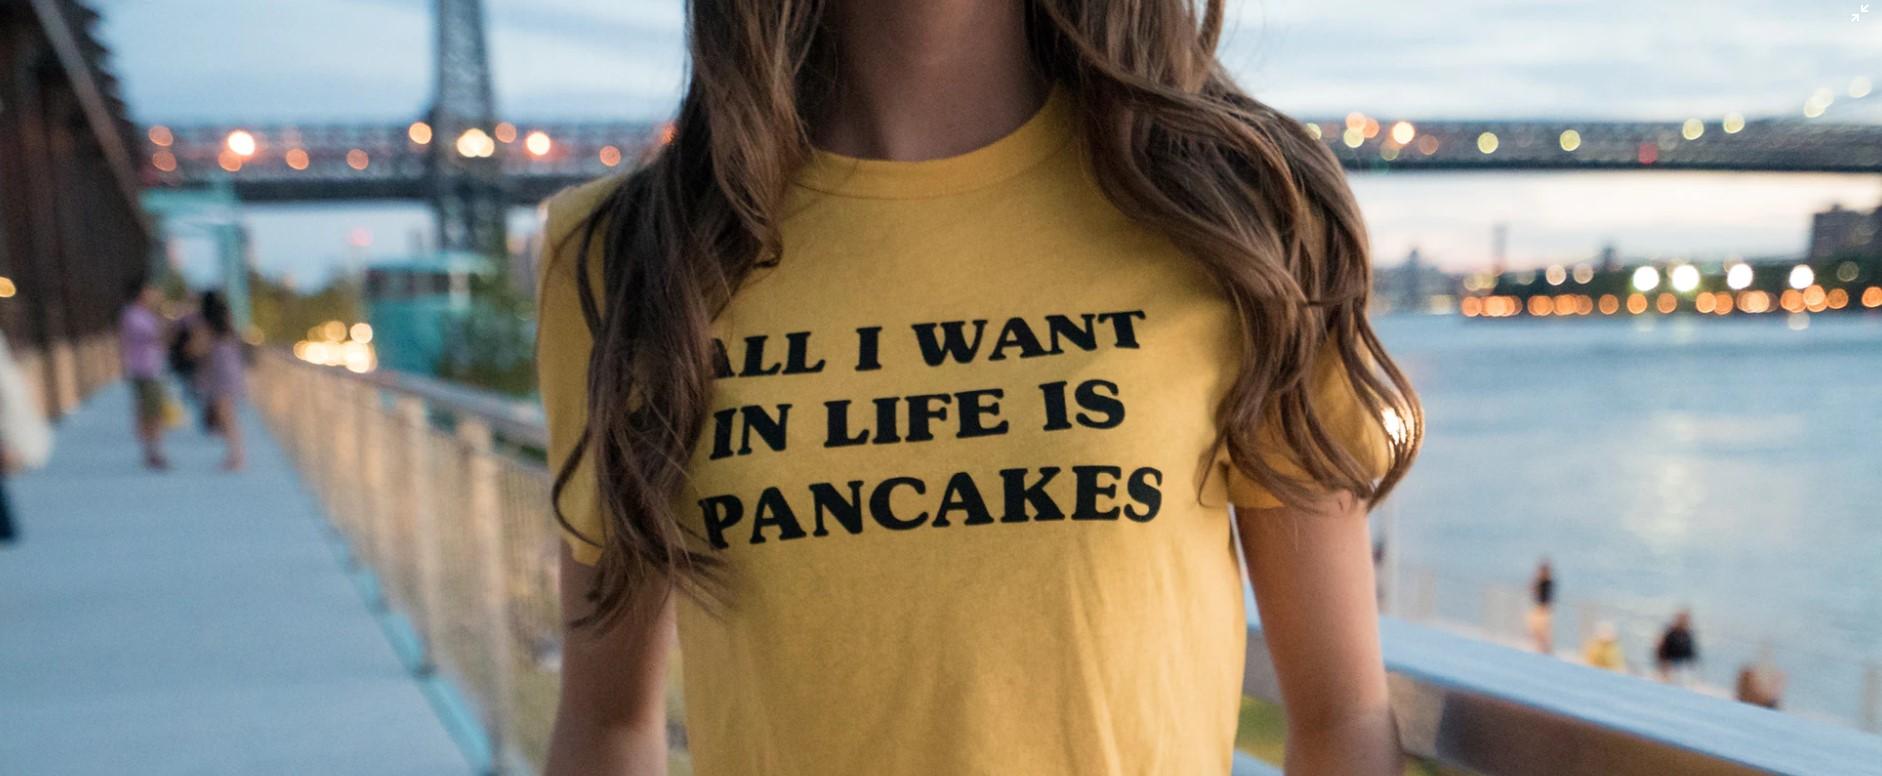 Koszulki z własnym nadrukiem- sposobem na to, by wyjść z cienia anonimowości